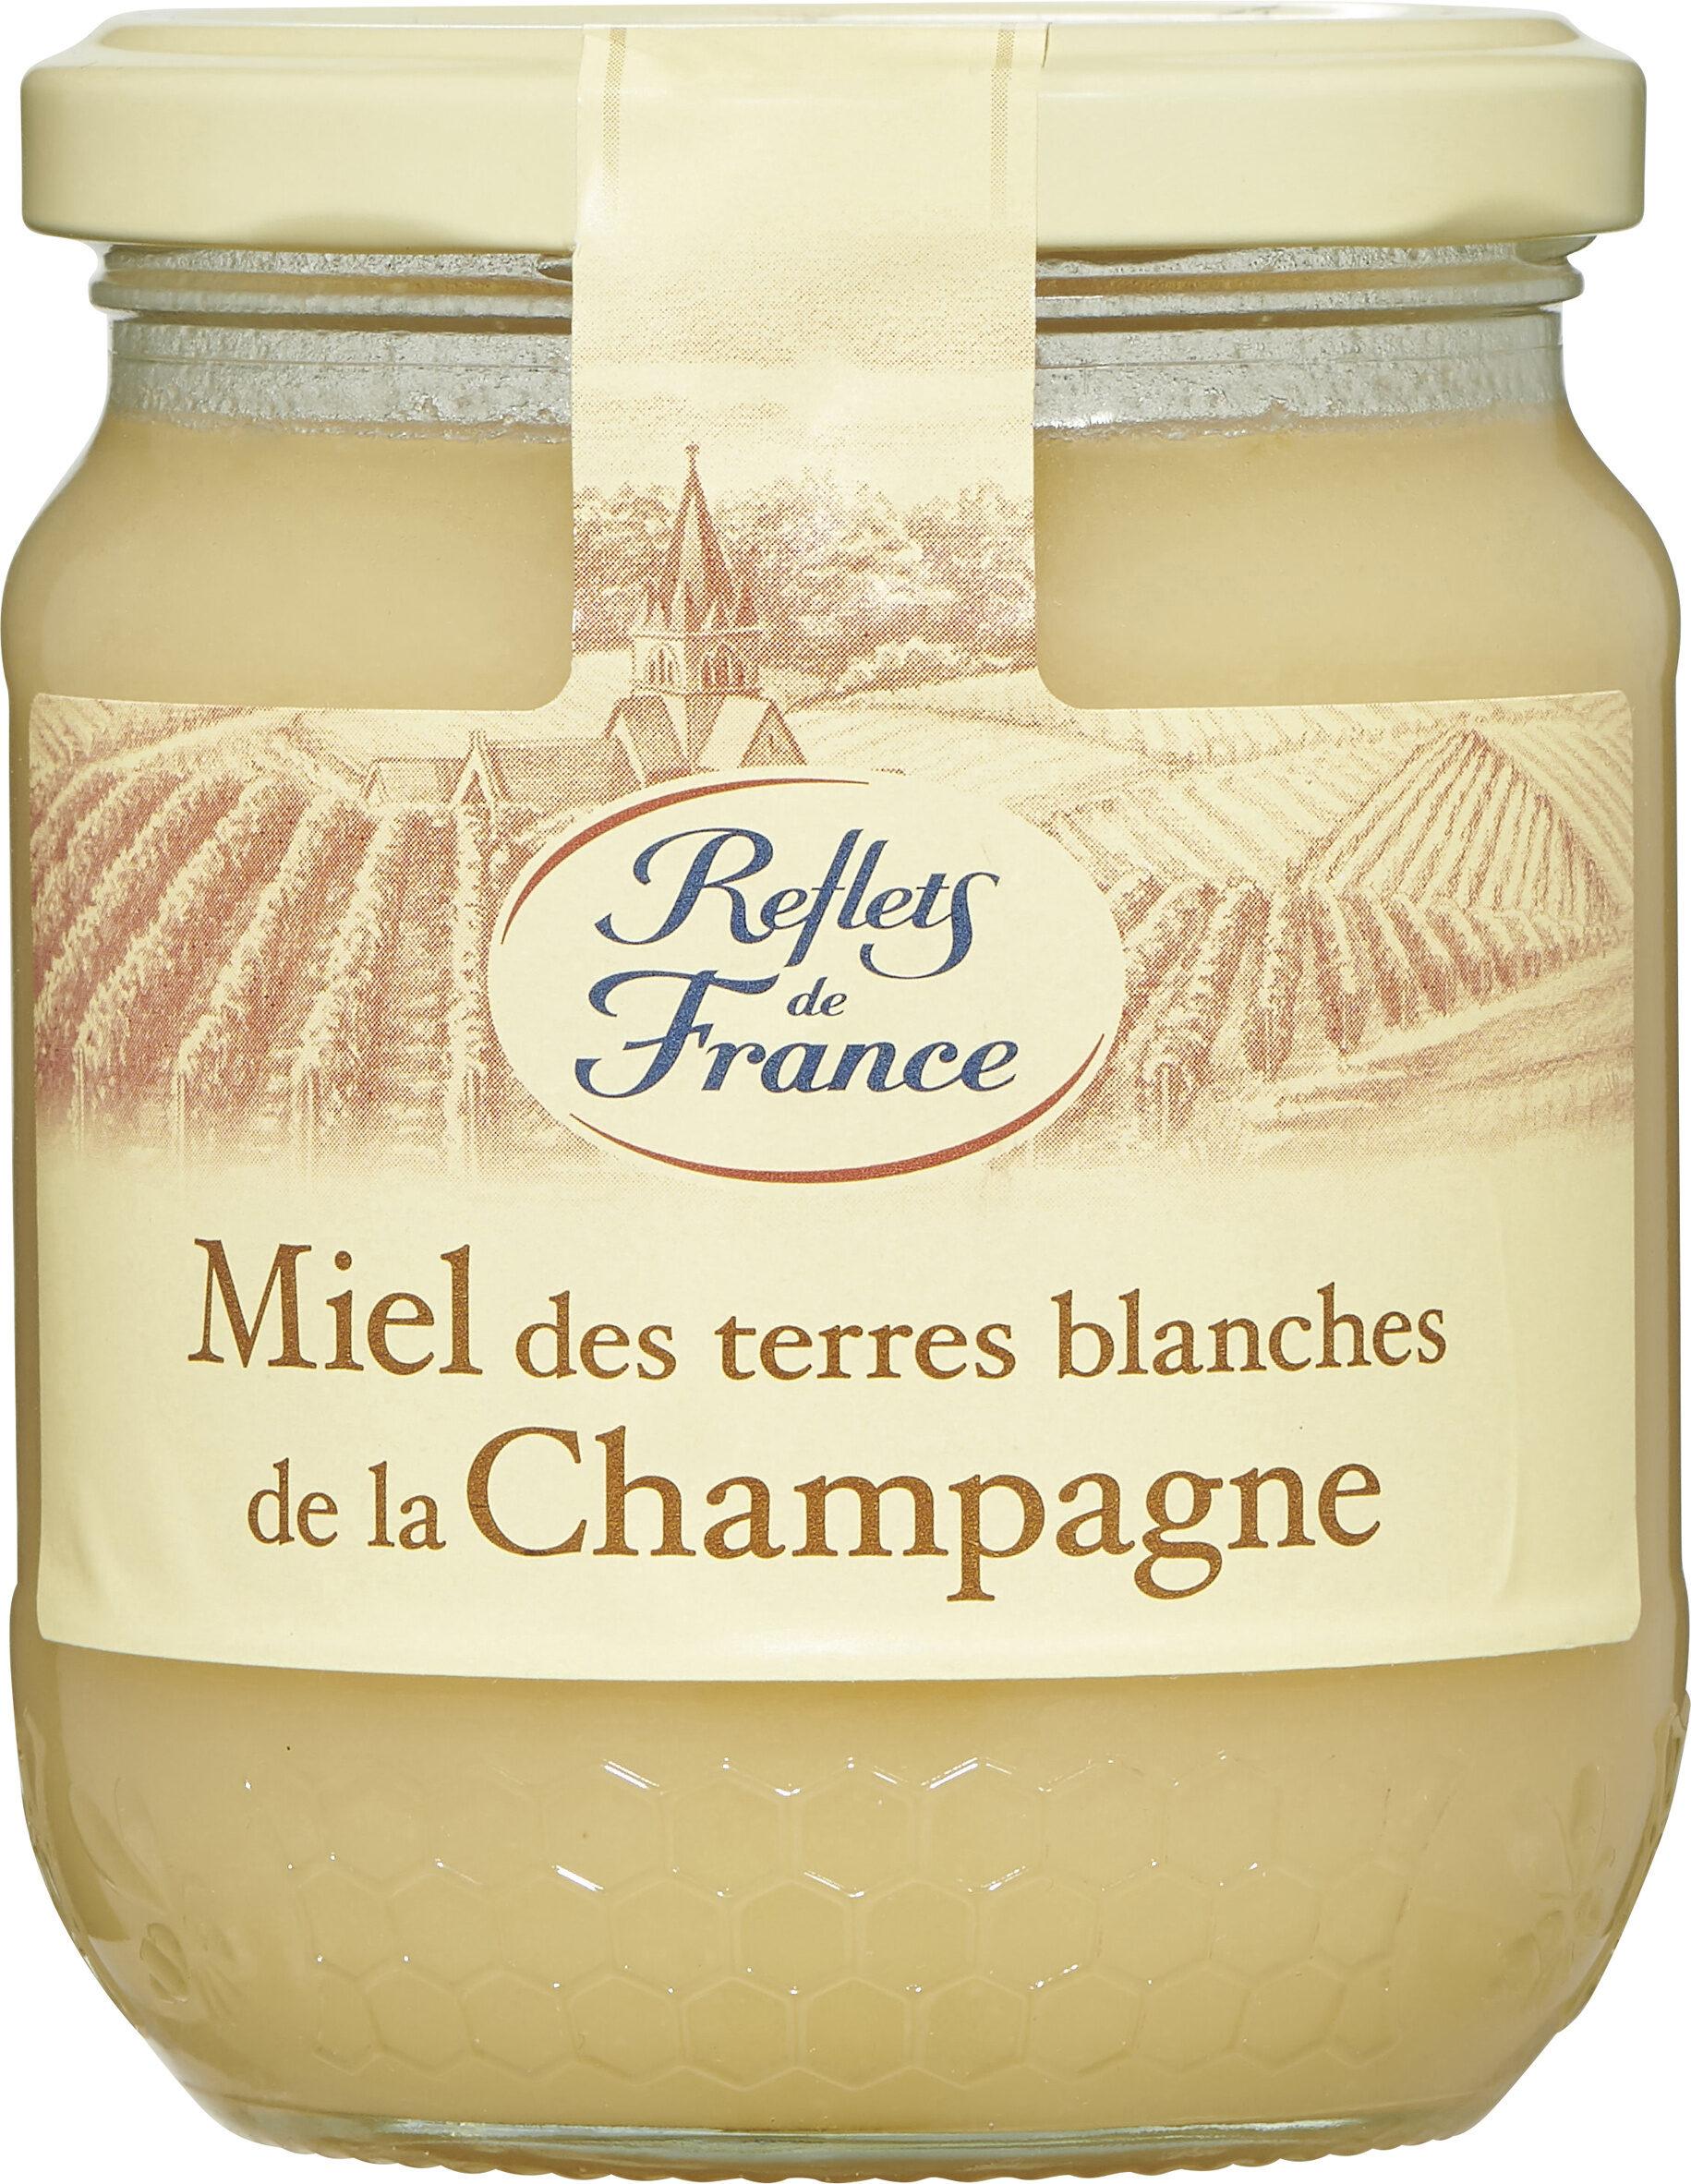 Miel des terres blanches de Champagne - Prodotto - fr